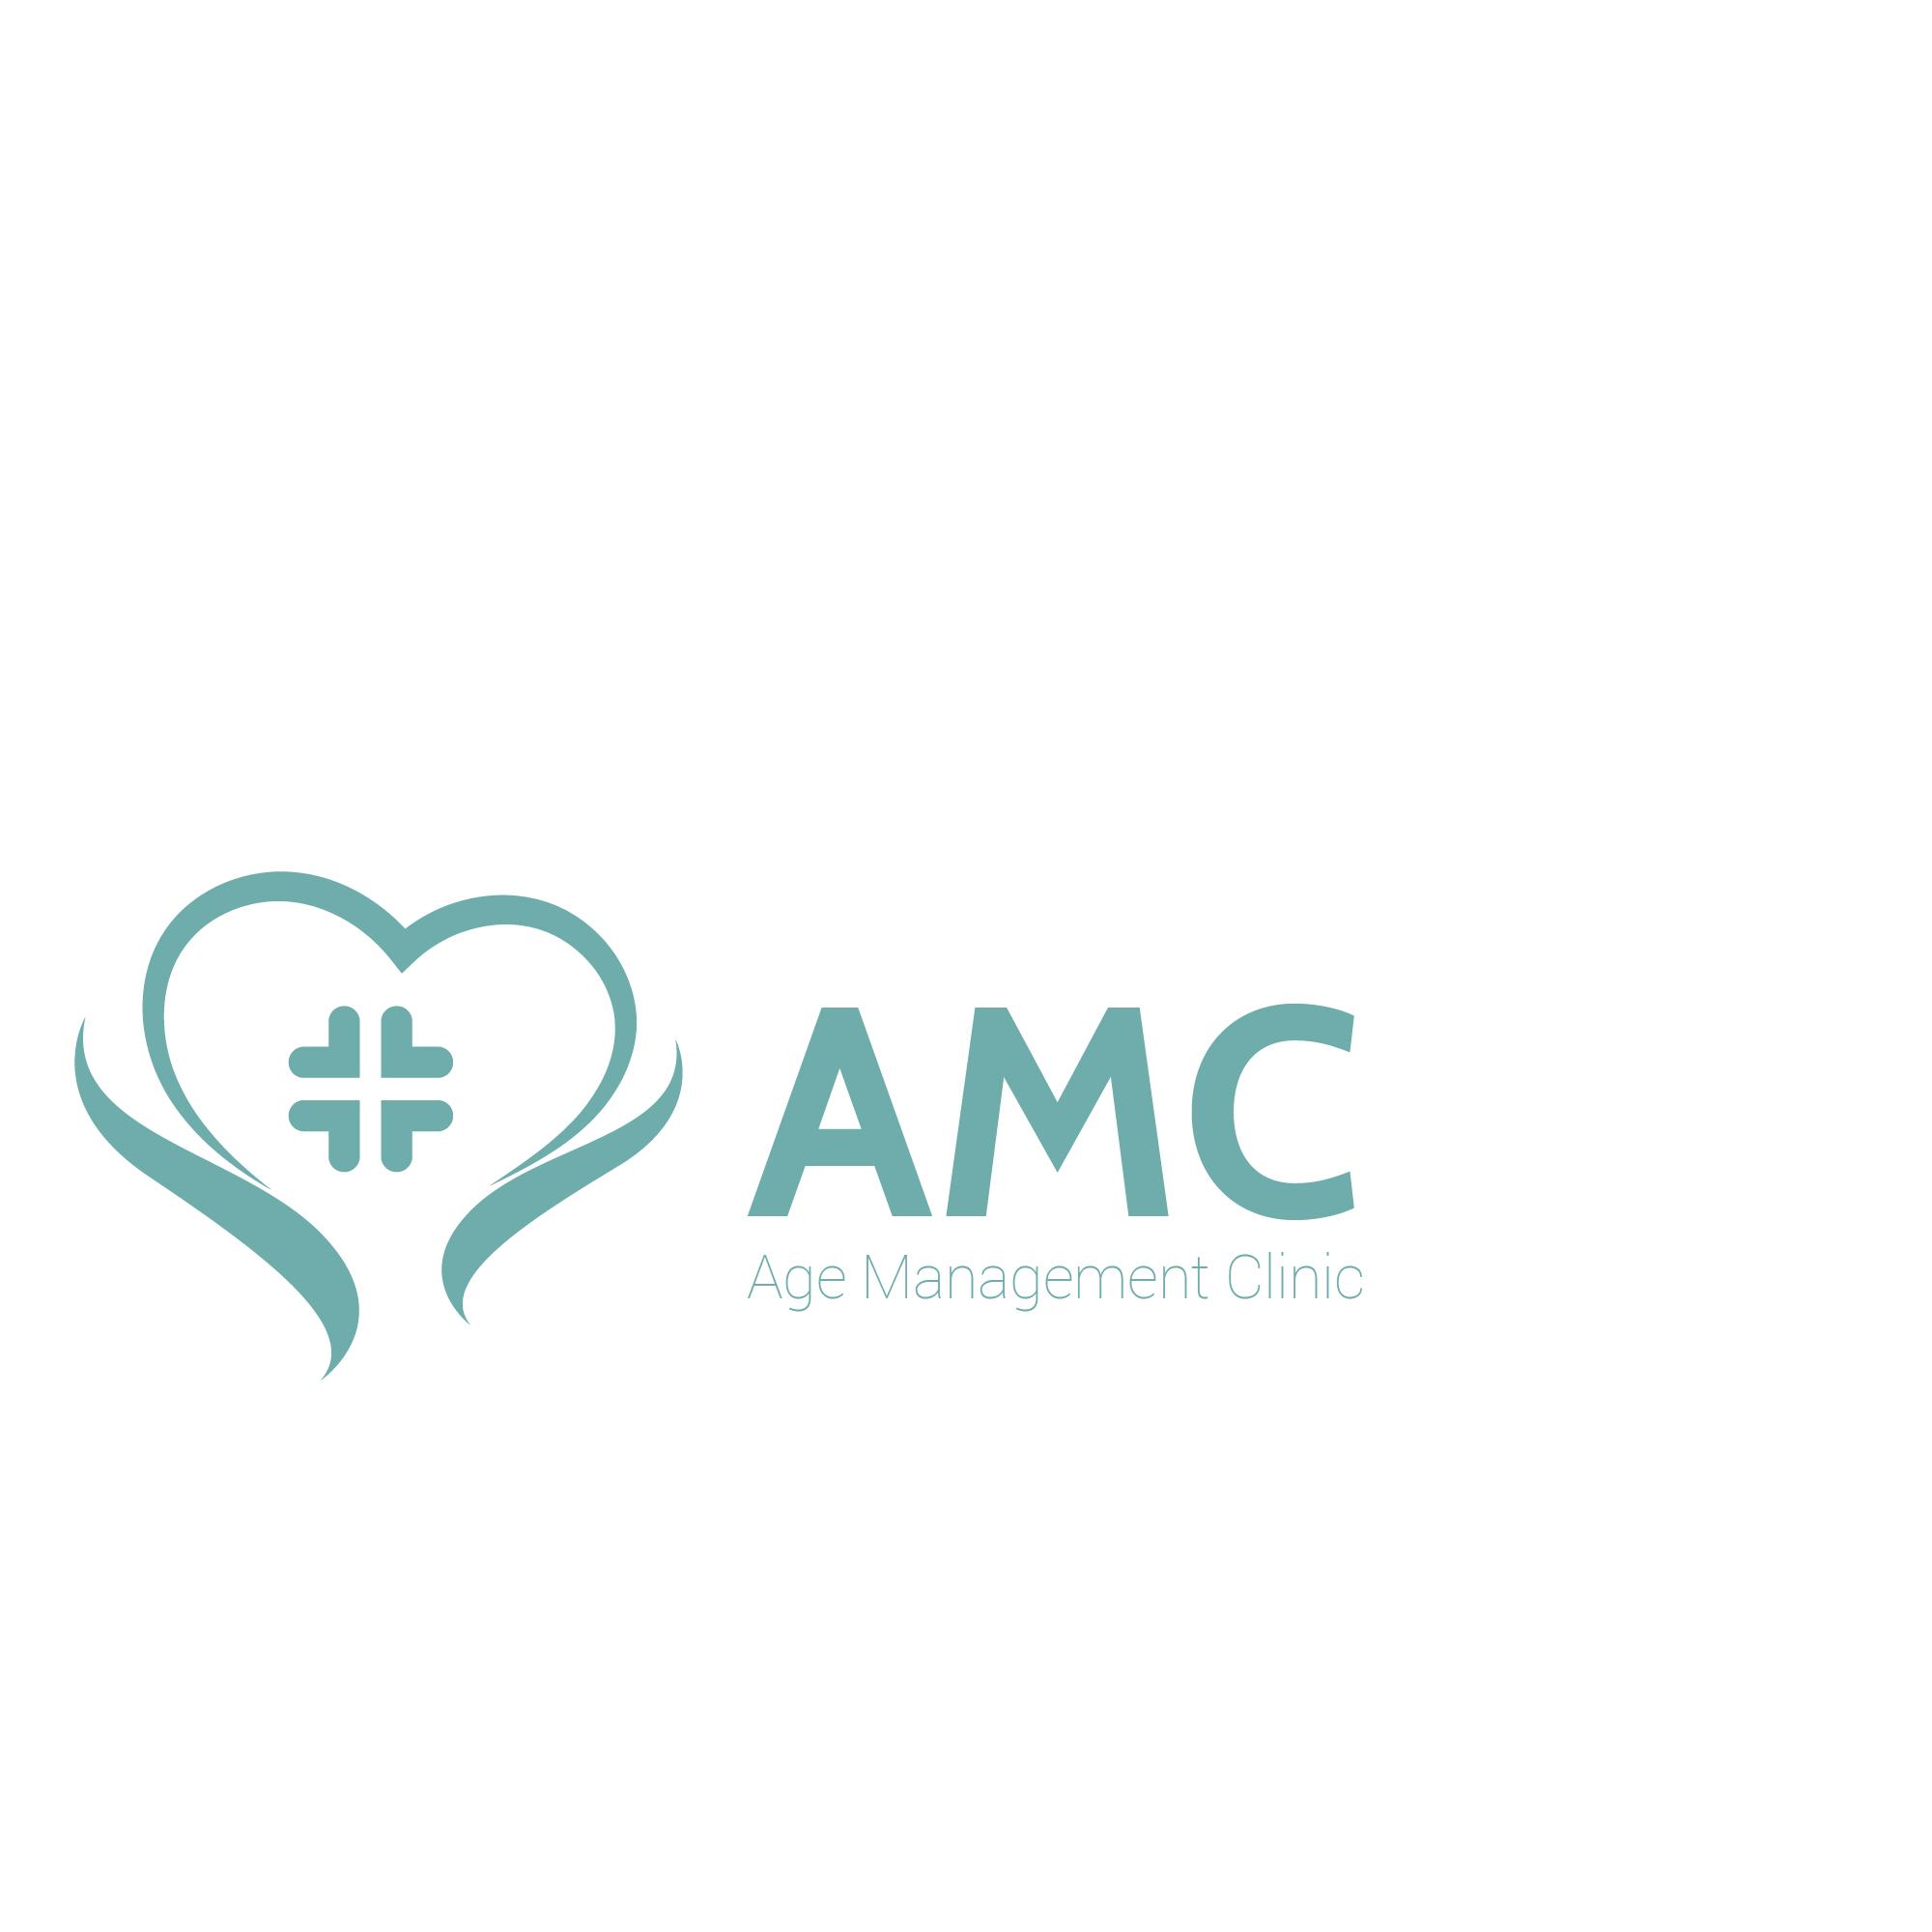 Логотип для медицинского центра (клиники)  фото f_8835b9c050fe45b7.jpg